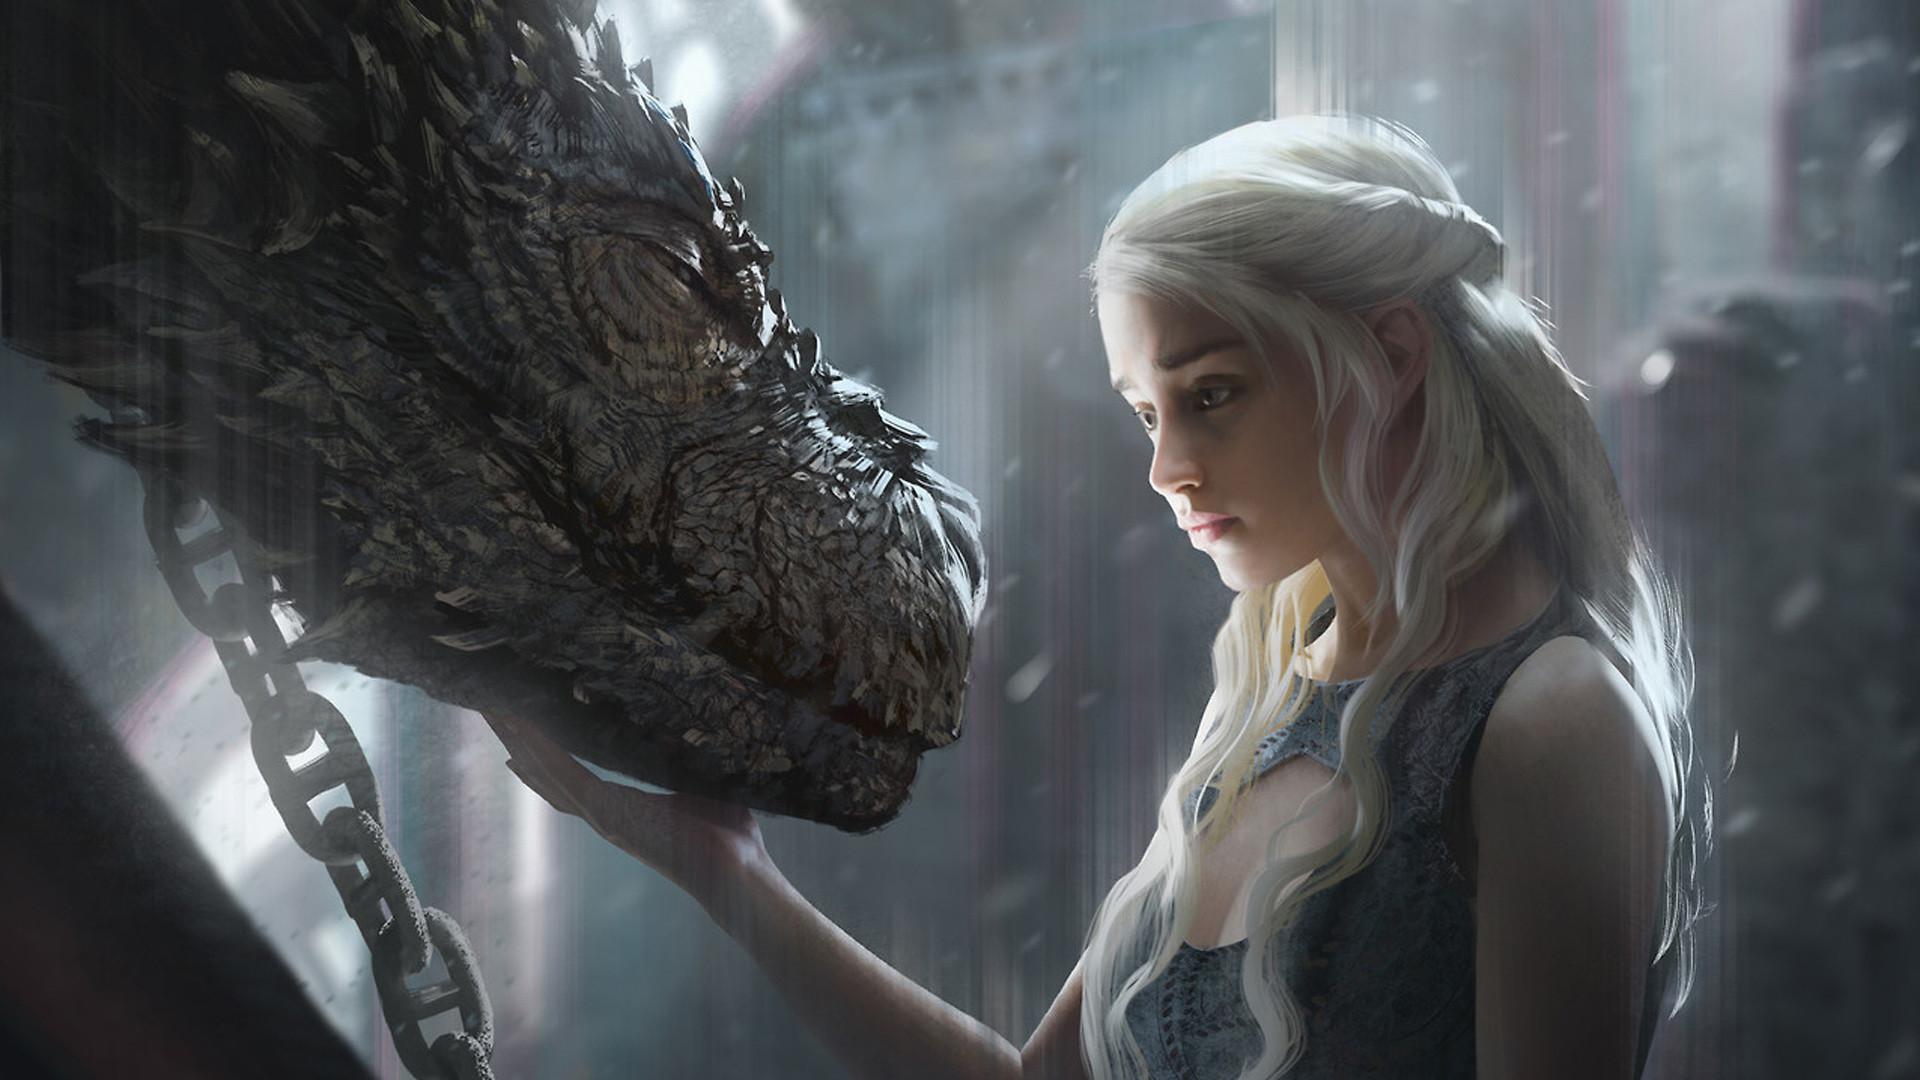 Daenerys Targaryen With Dragon Artwork hd Wallpaper